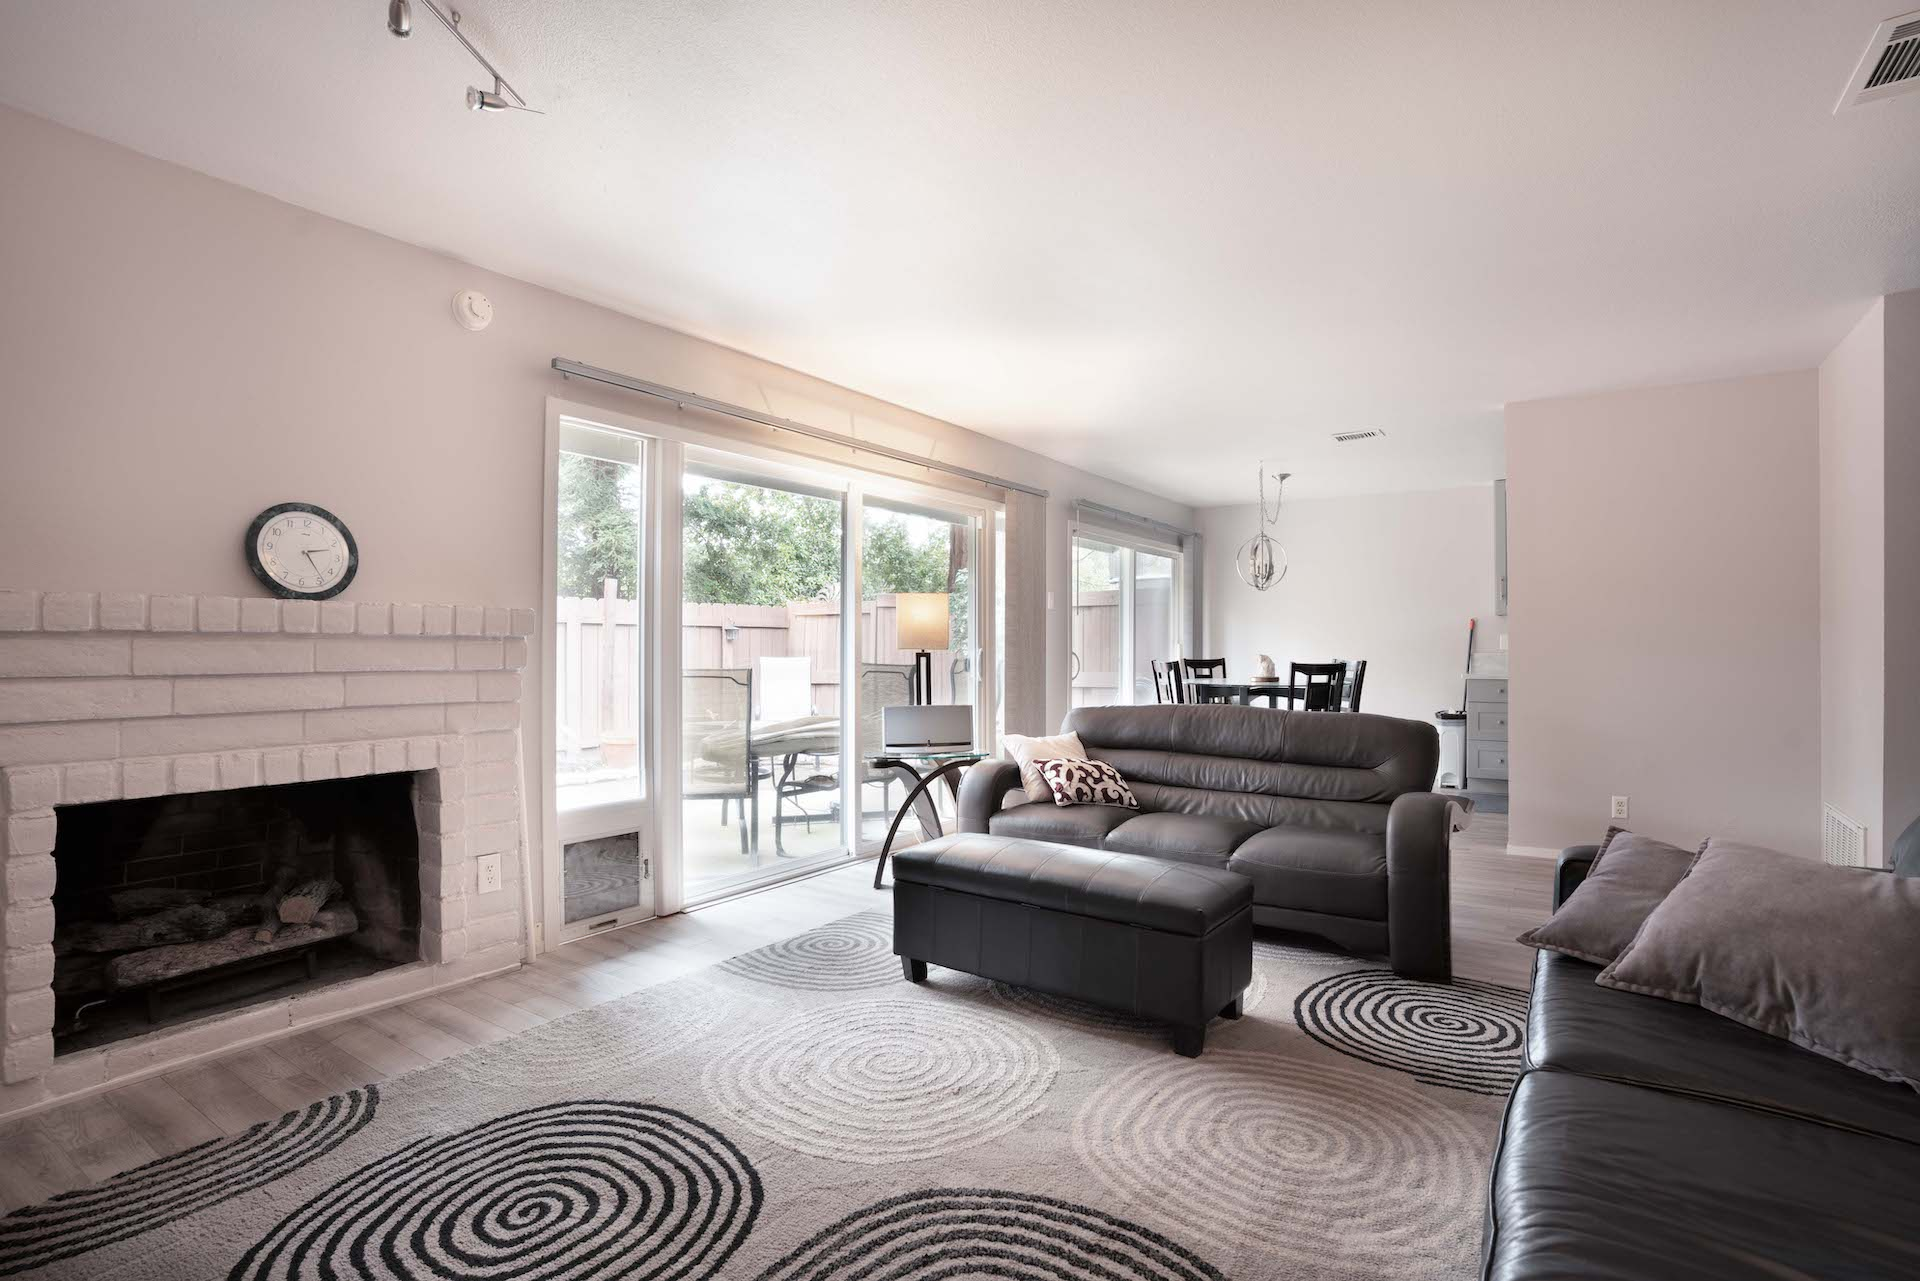 7033 La Costa Ln, Citrus Heights, Ca | Living Room | Citrus Heights Real Estate Agent